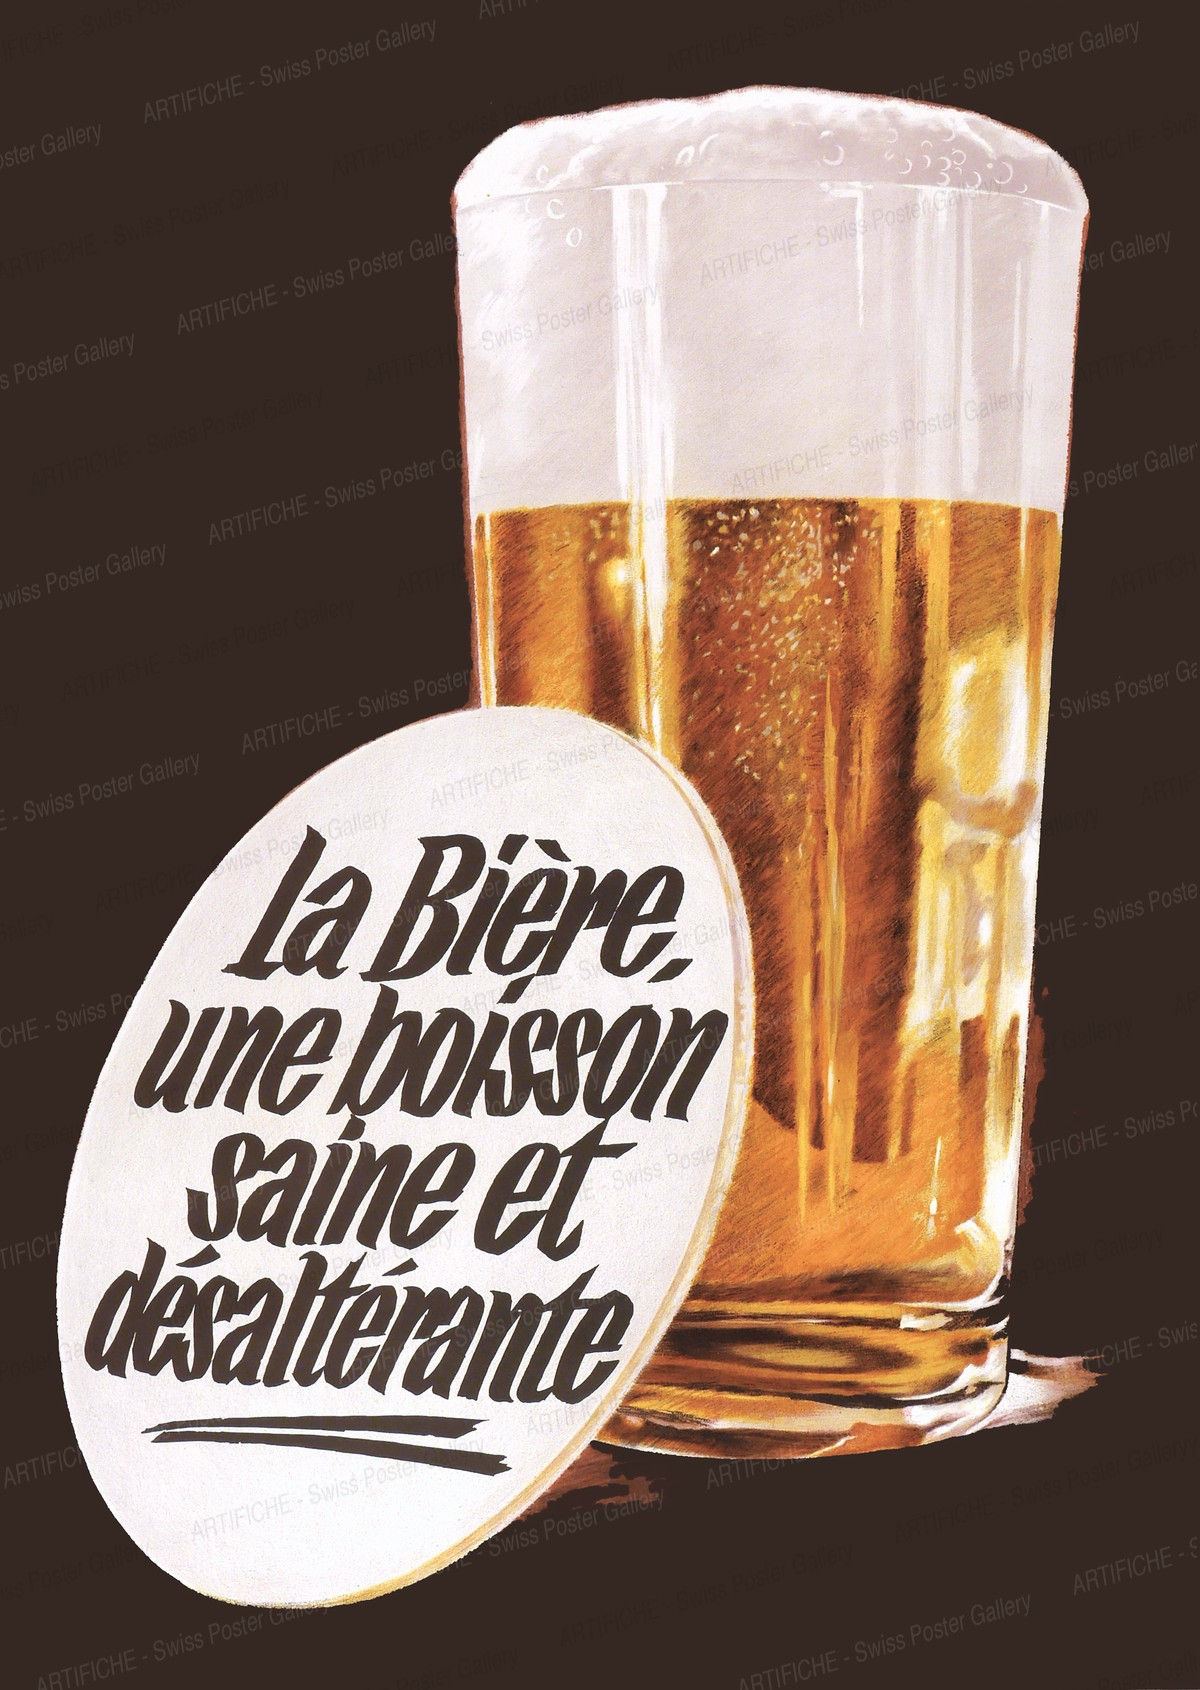 La Bière, une boisson saine et désalterante, Alfred Koella